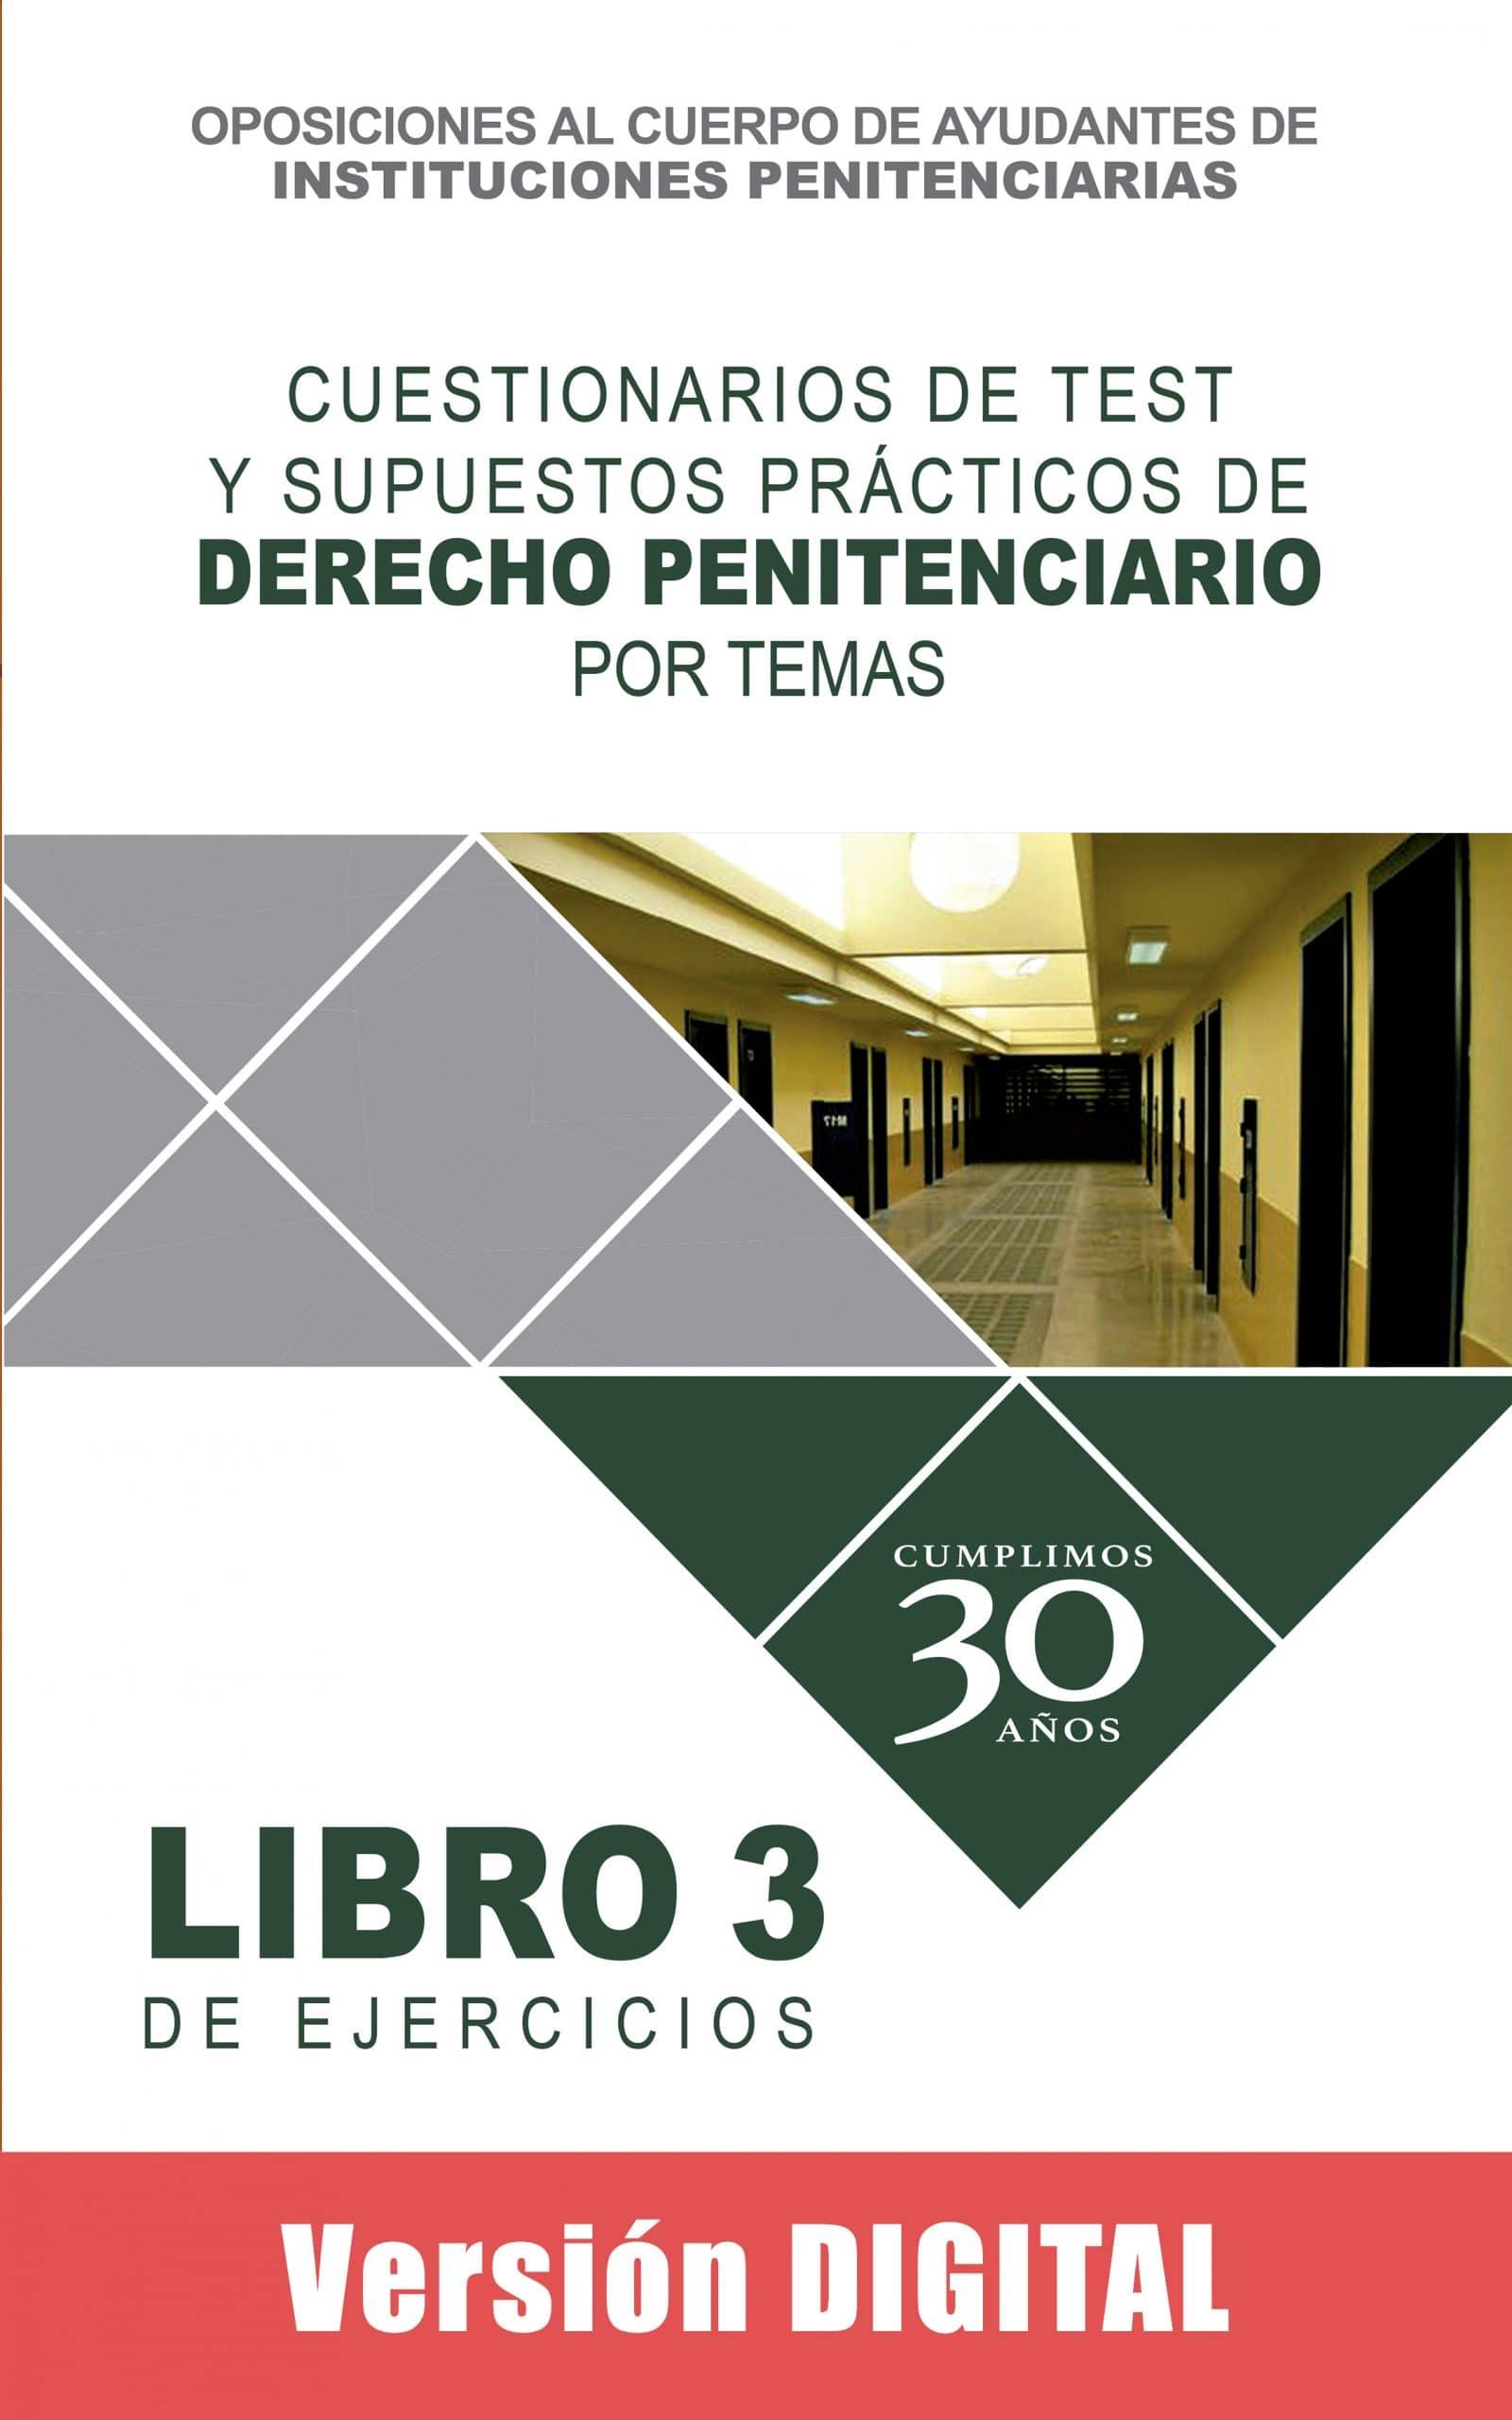 Cuestionarios de Test y Supuestos prácticos de Derecho Penitenciario por temas €40.00